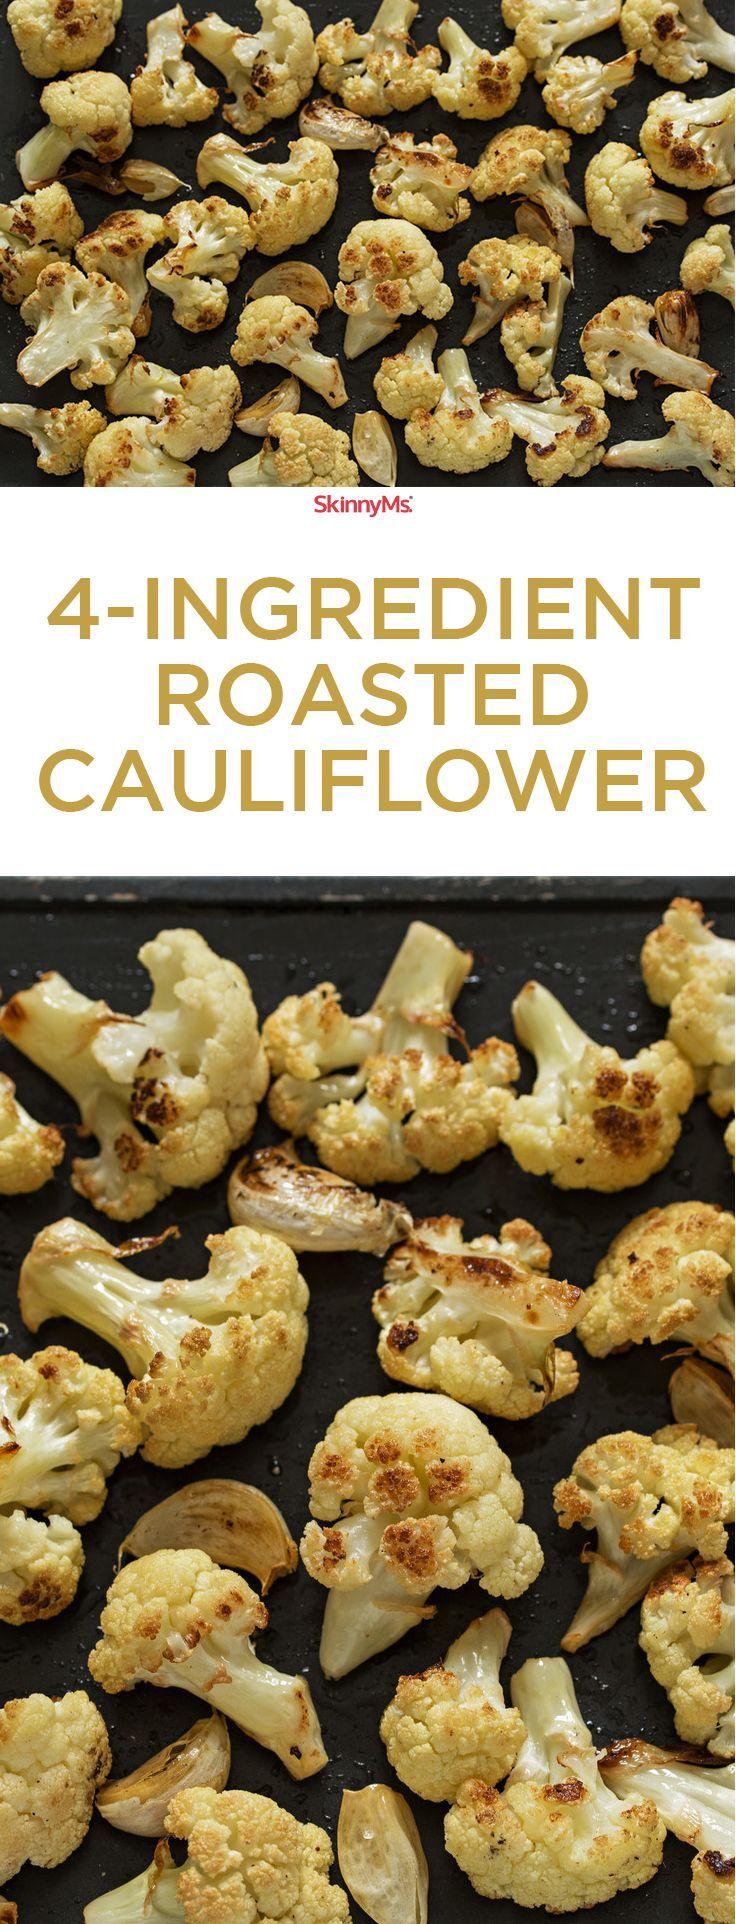 4-Ingredient Roasted Cauliflower